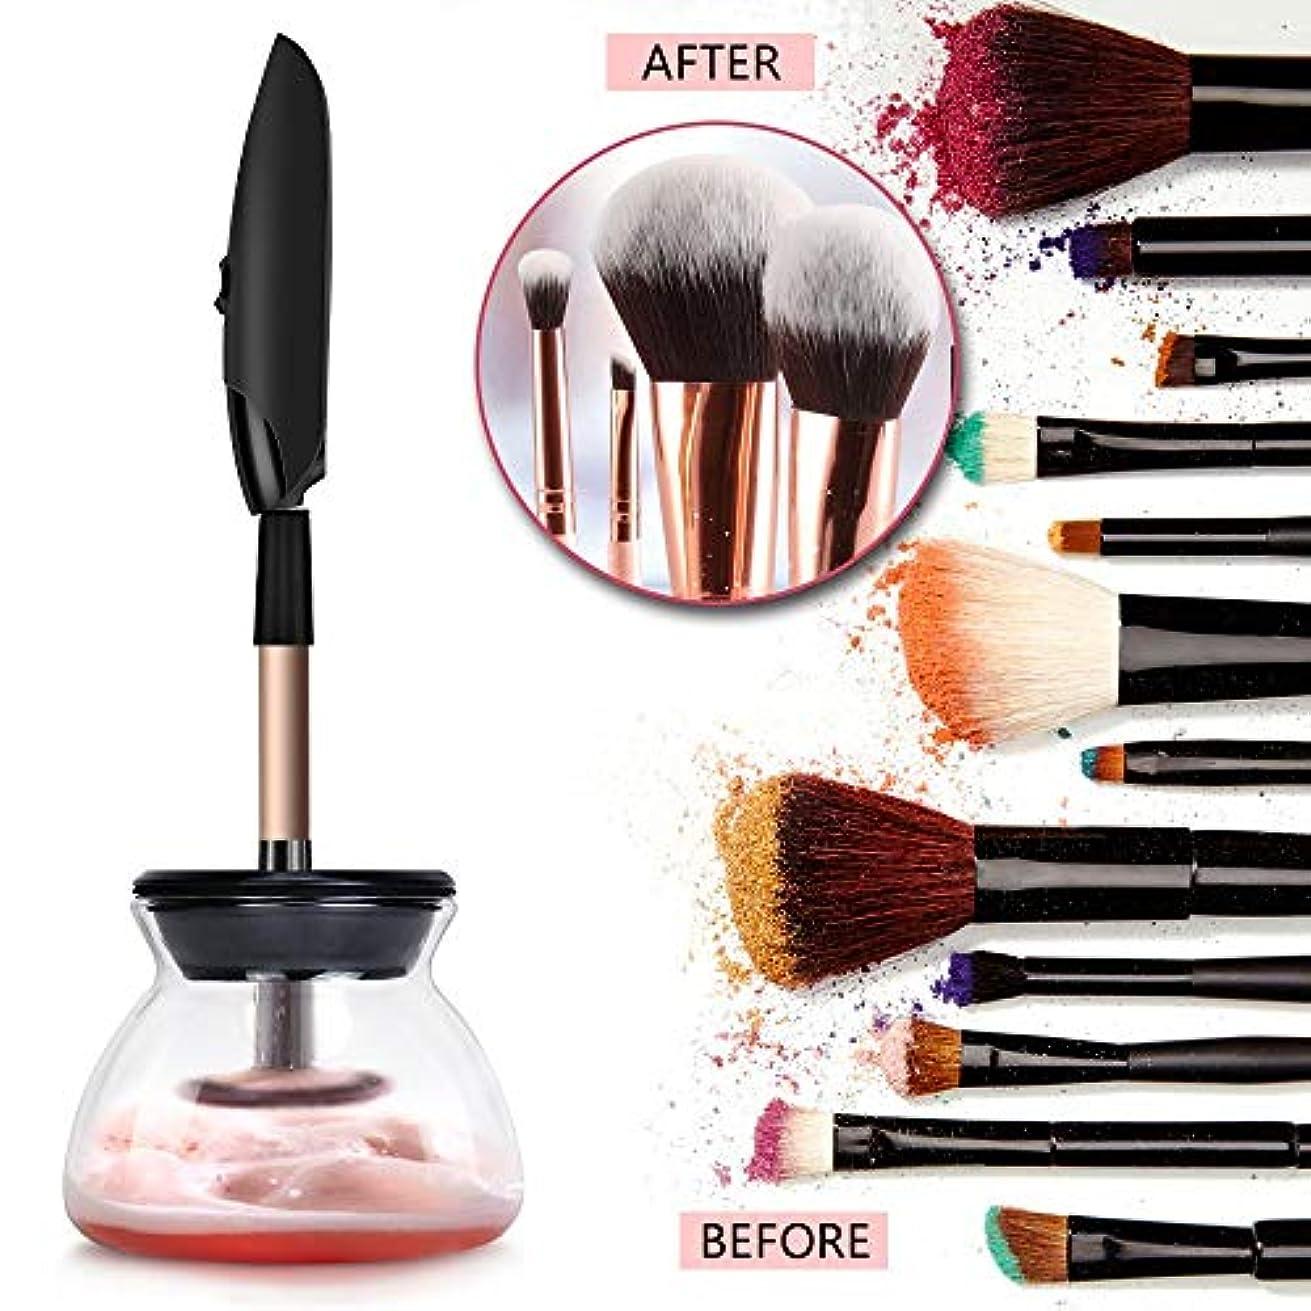 亡命アスペクトこどもの宮殿化粧ブラシクリーナー - 化粧ブラシクリーナーとドライヤー電気化粧ブラシクリーナー乾燥機、超高速自動スピナー化粧ブラシツール、あらゆる肌に適して